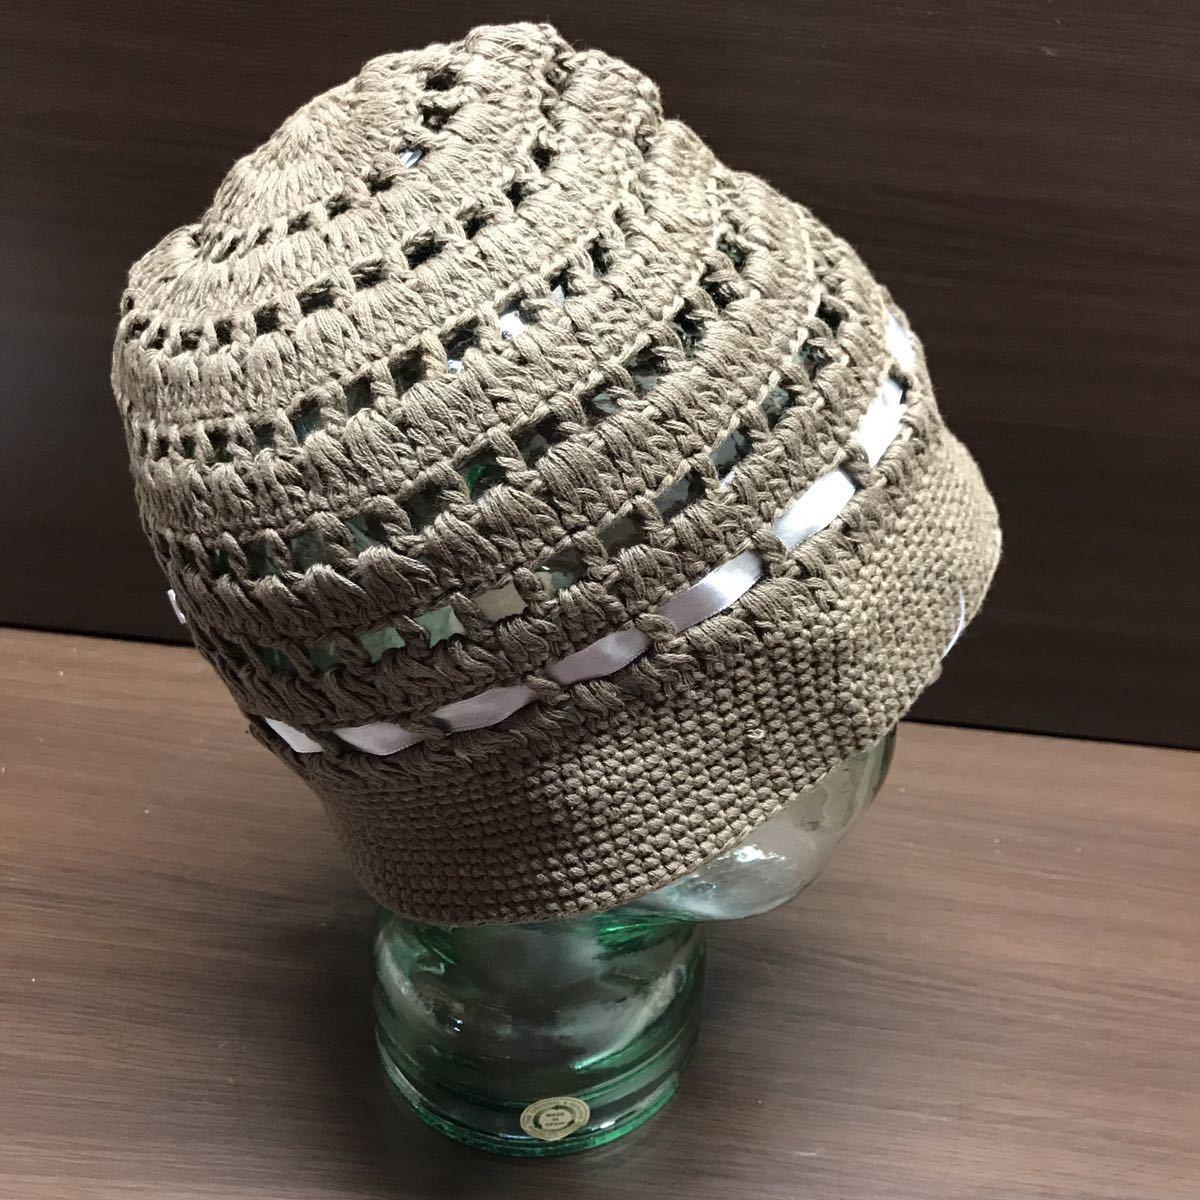 未使用 コットンニットキャップ レディース ブラウン系 リボンのワンポイントニット帽 ハンドメイド_画像6